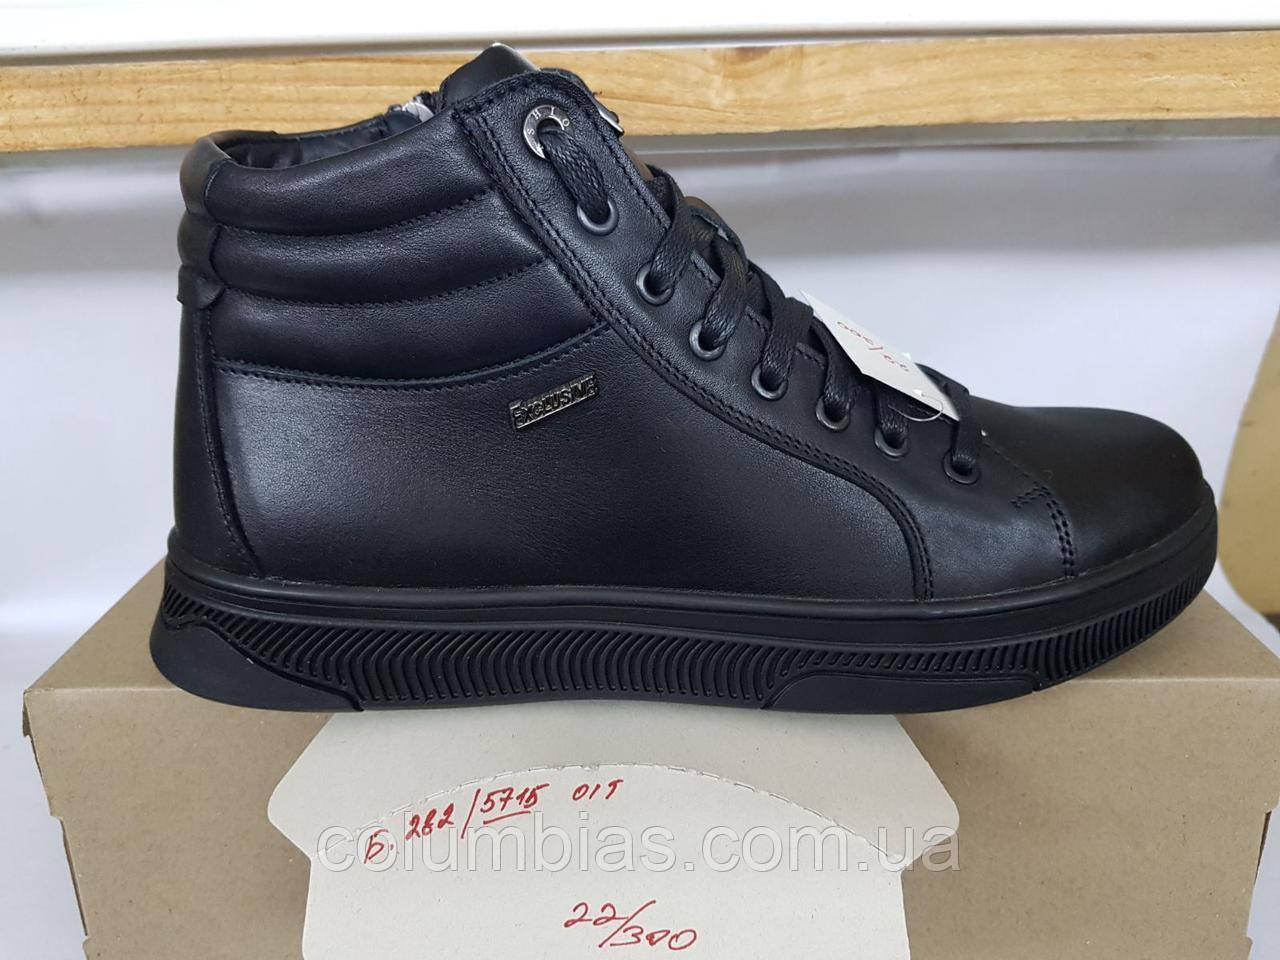 Зимние мужские кожаные полу-ботинки на замочке.  Высылаем БЕЗ ПРЕДОПЛАТЫ.